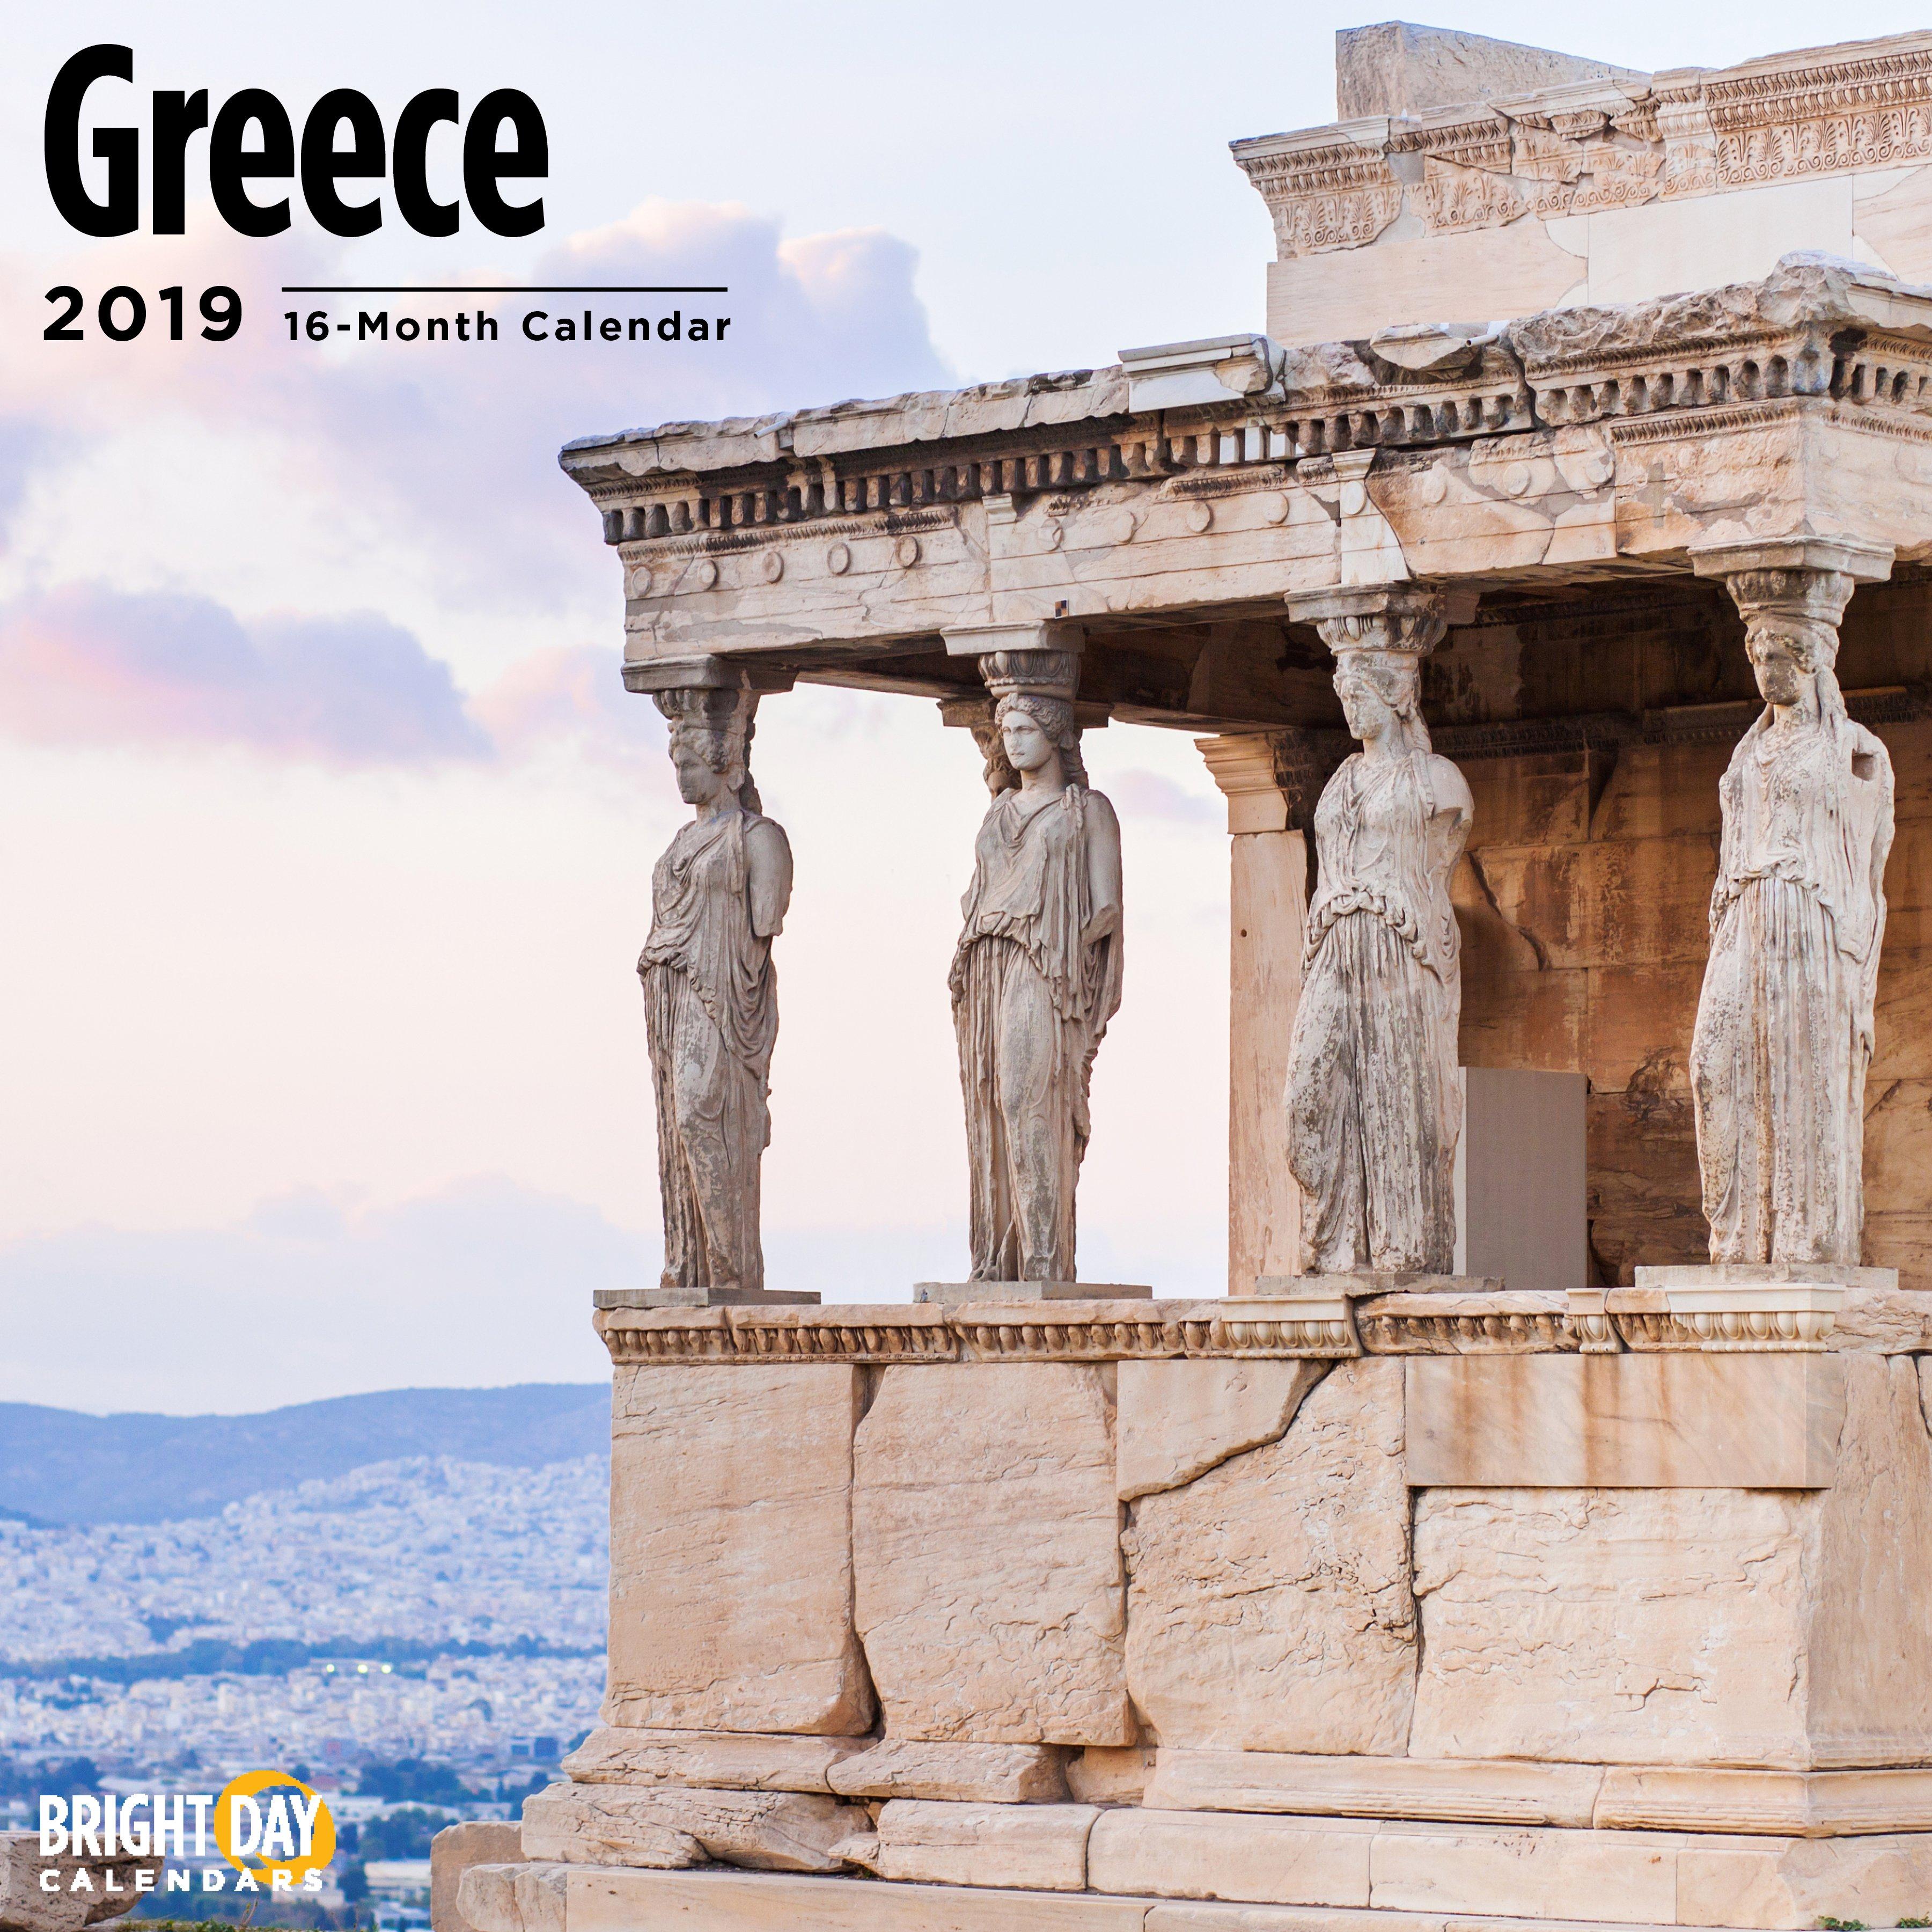 Greece 2019 Wall Calendar – Walmart Calendar 2019 Greece